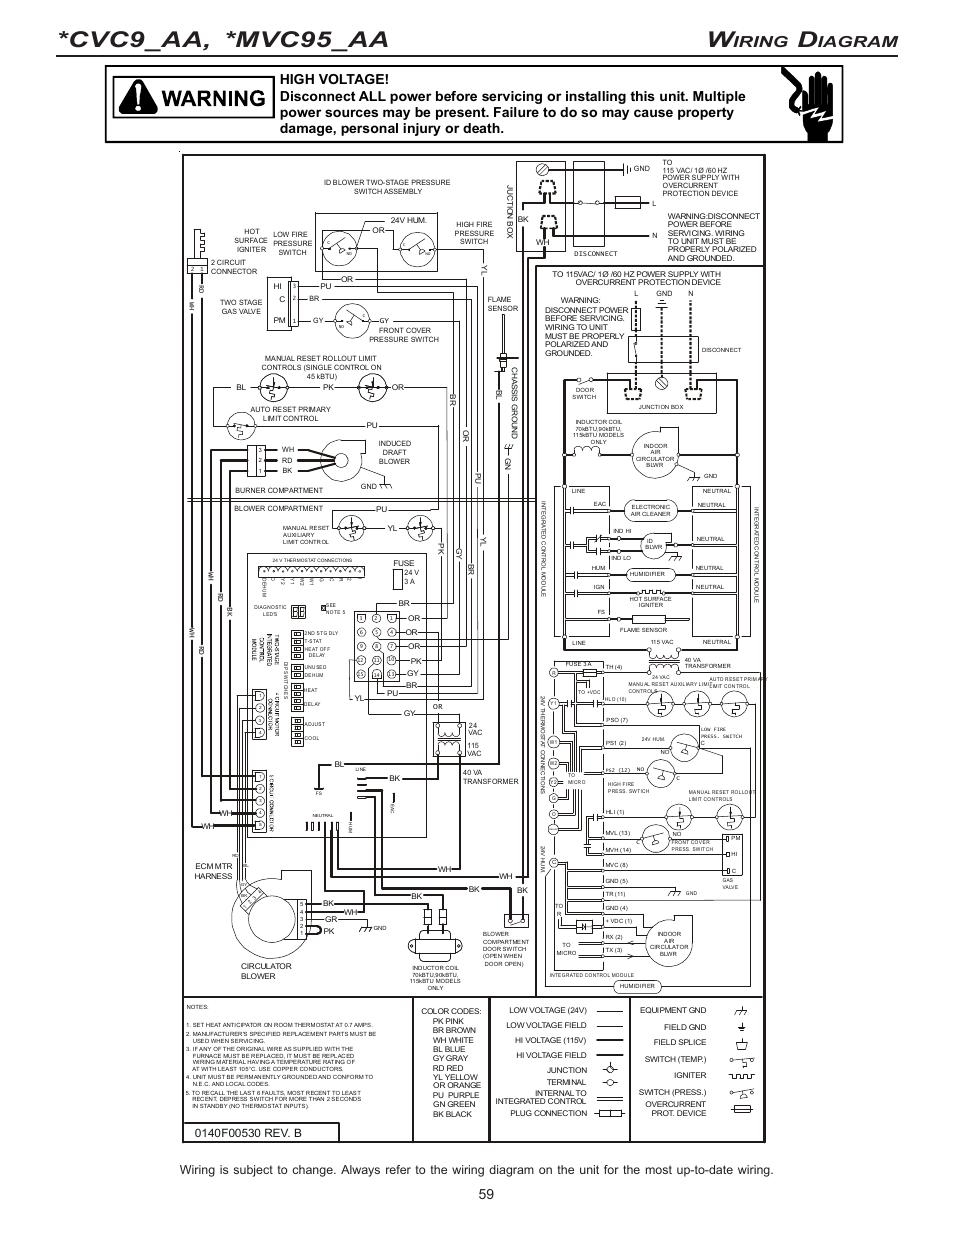 Goodman 83317 Disconnect Wiring Diagram